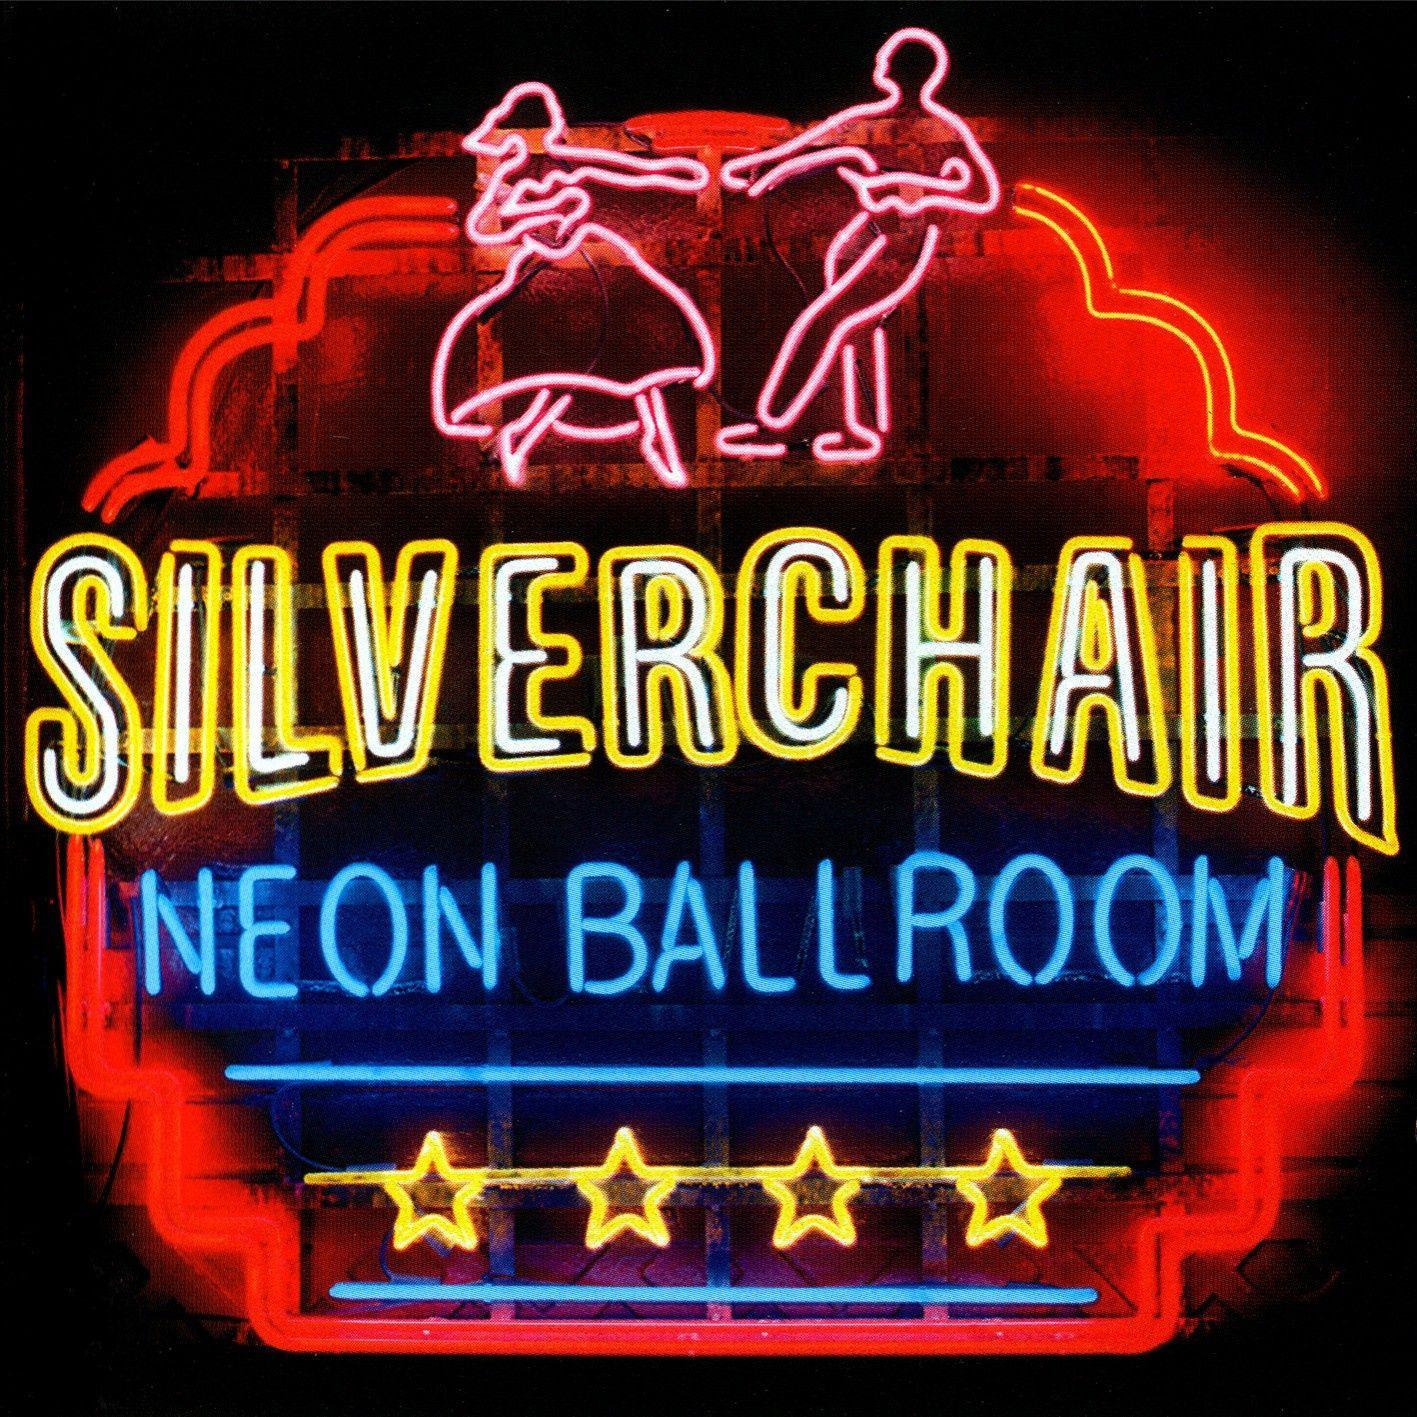 SILVERCHAIR - Neon Ballroom (1999) | Bands | Neon Signs